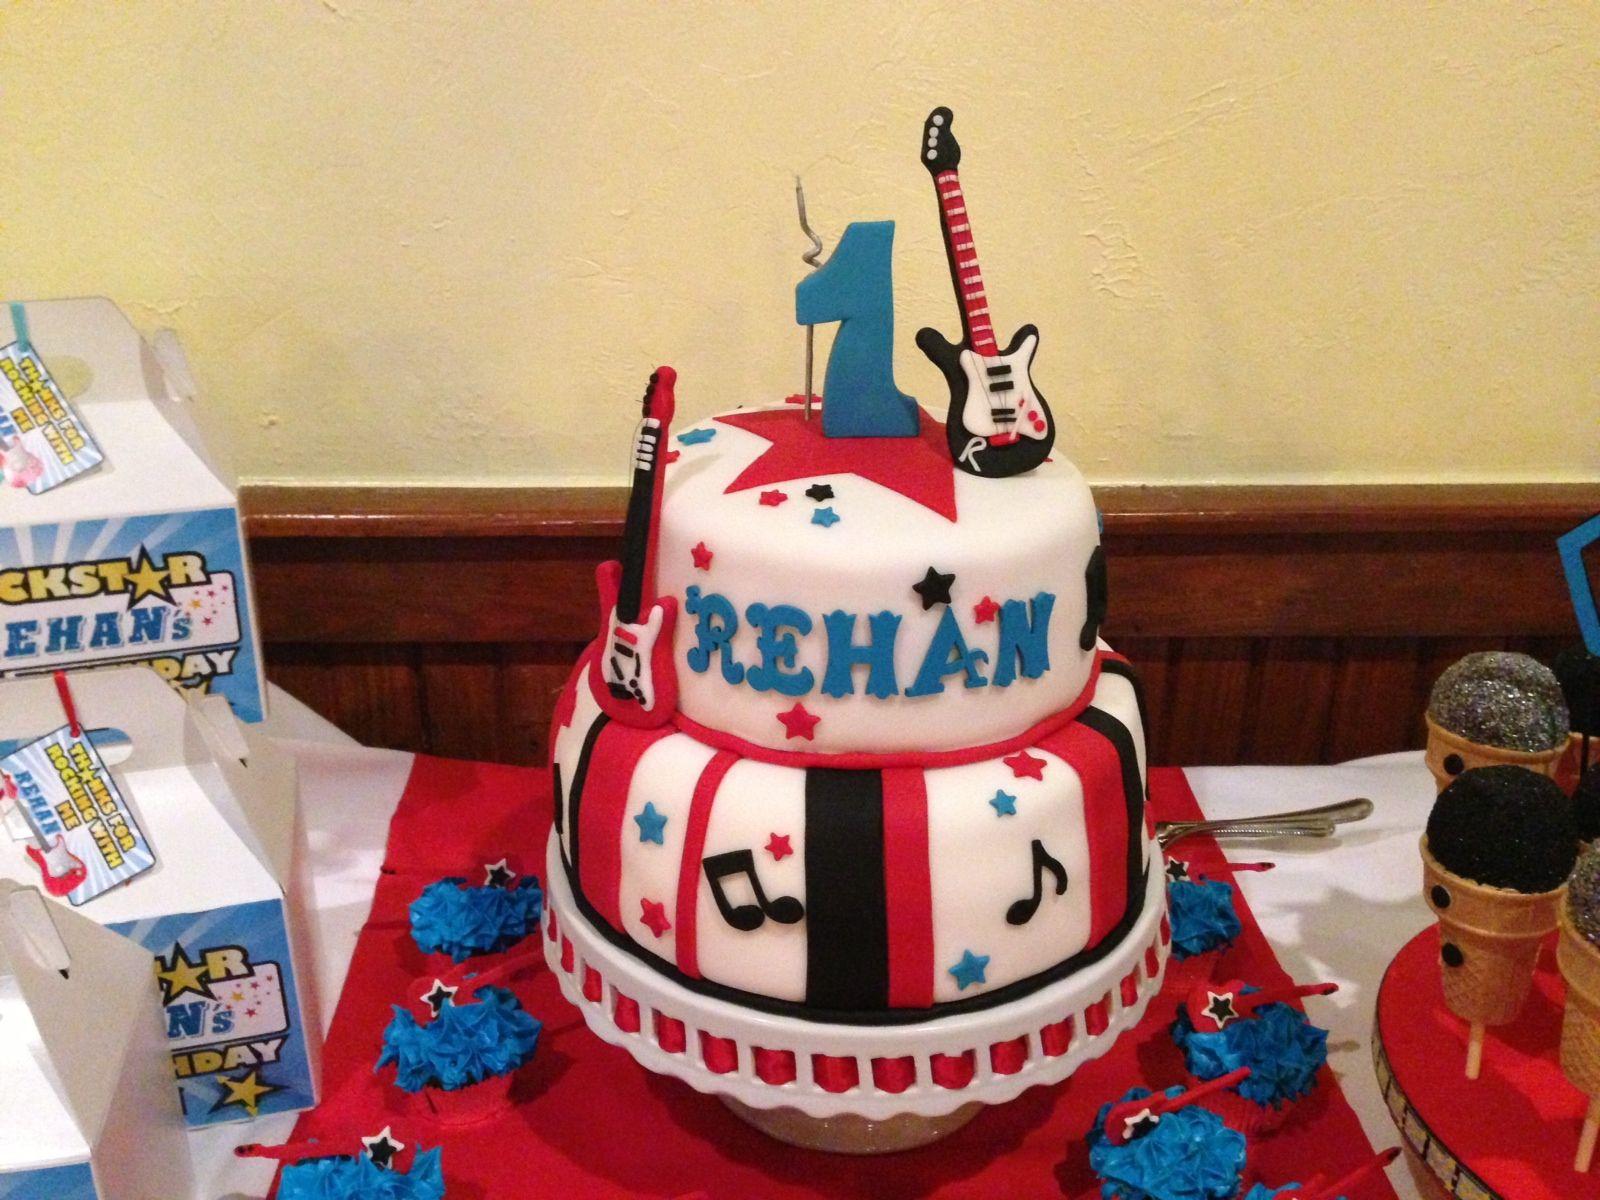 Rock N Roll and Super Cake for Rehans rockstar birthday boy www